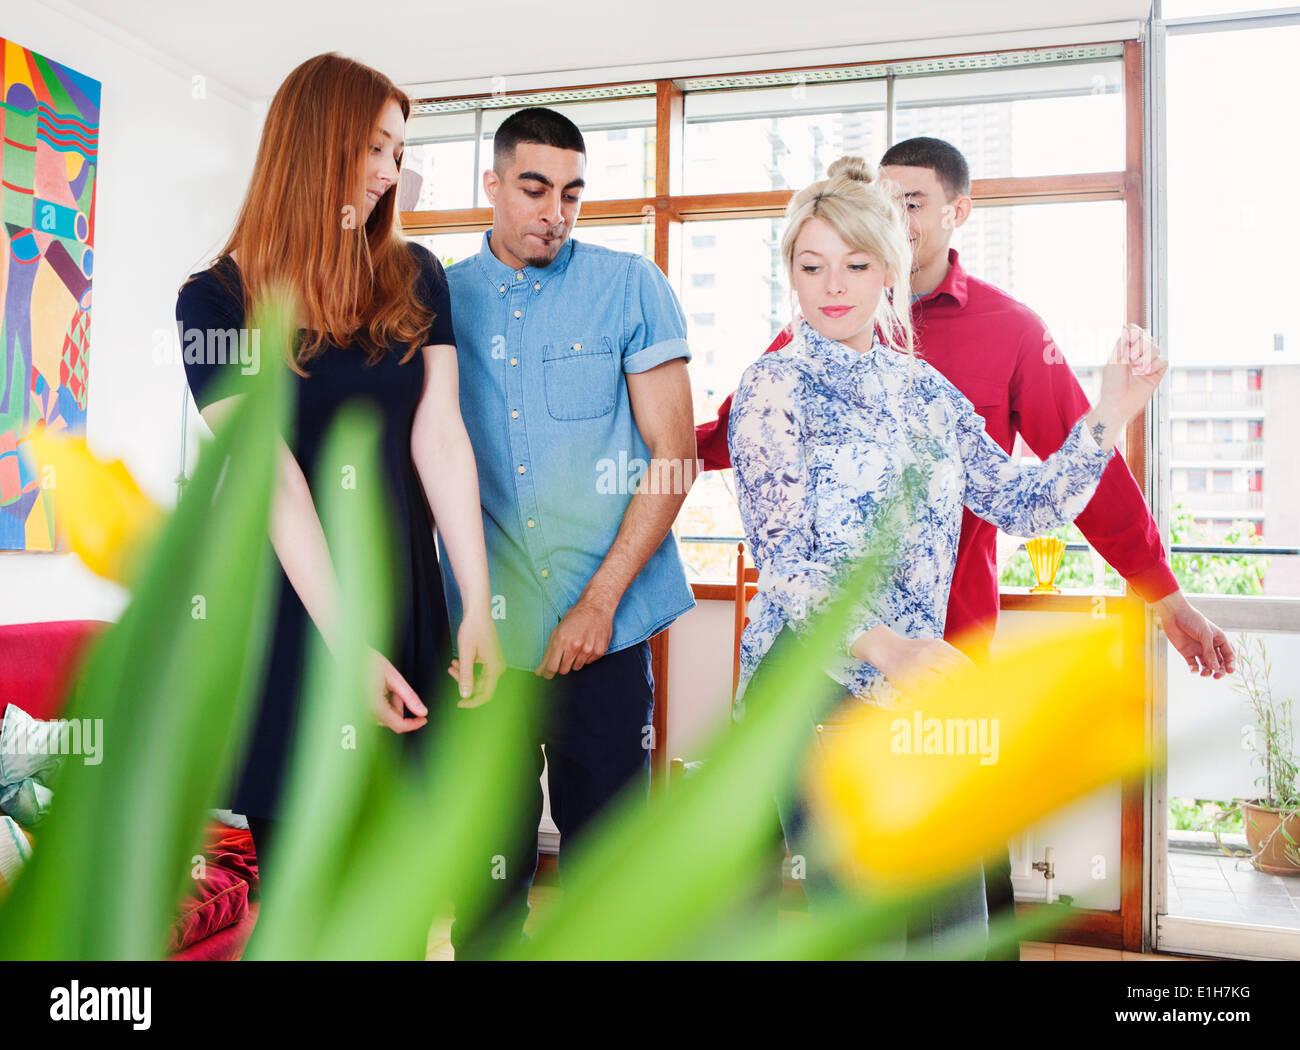 Junge Erwachsene im Wohnzimmer Stockfoto